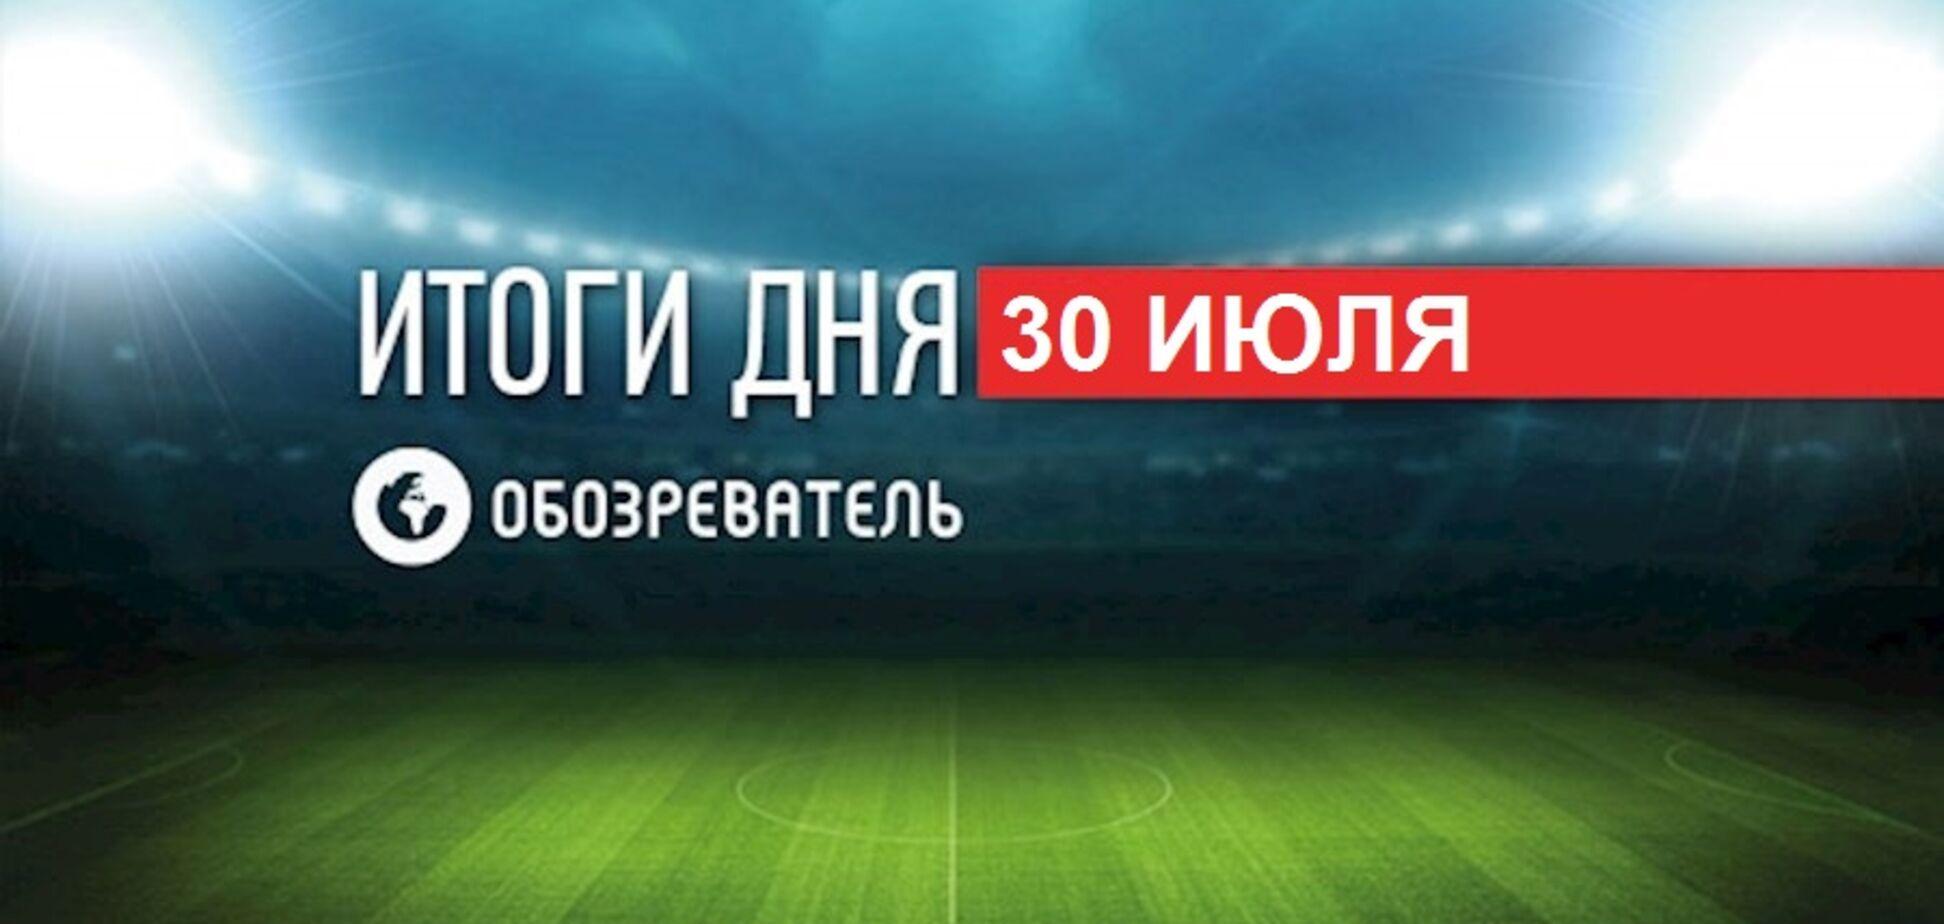 Президент Хорватии высказалась о поведении Путина на финале ЧМ-2018: спортивные итоги 30 июля